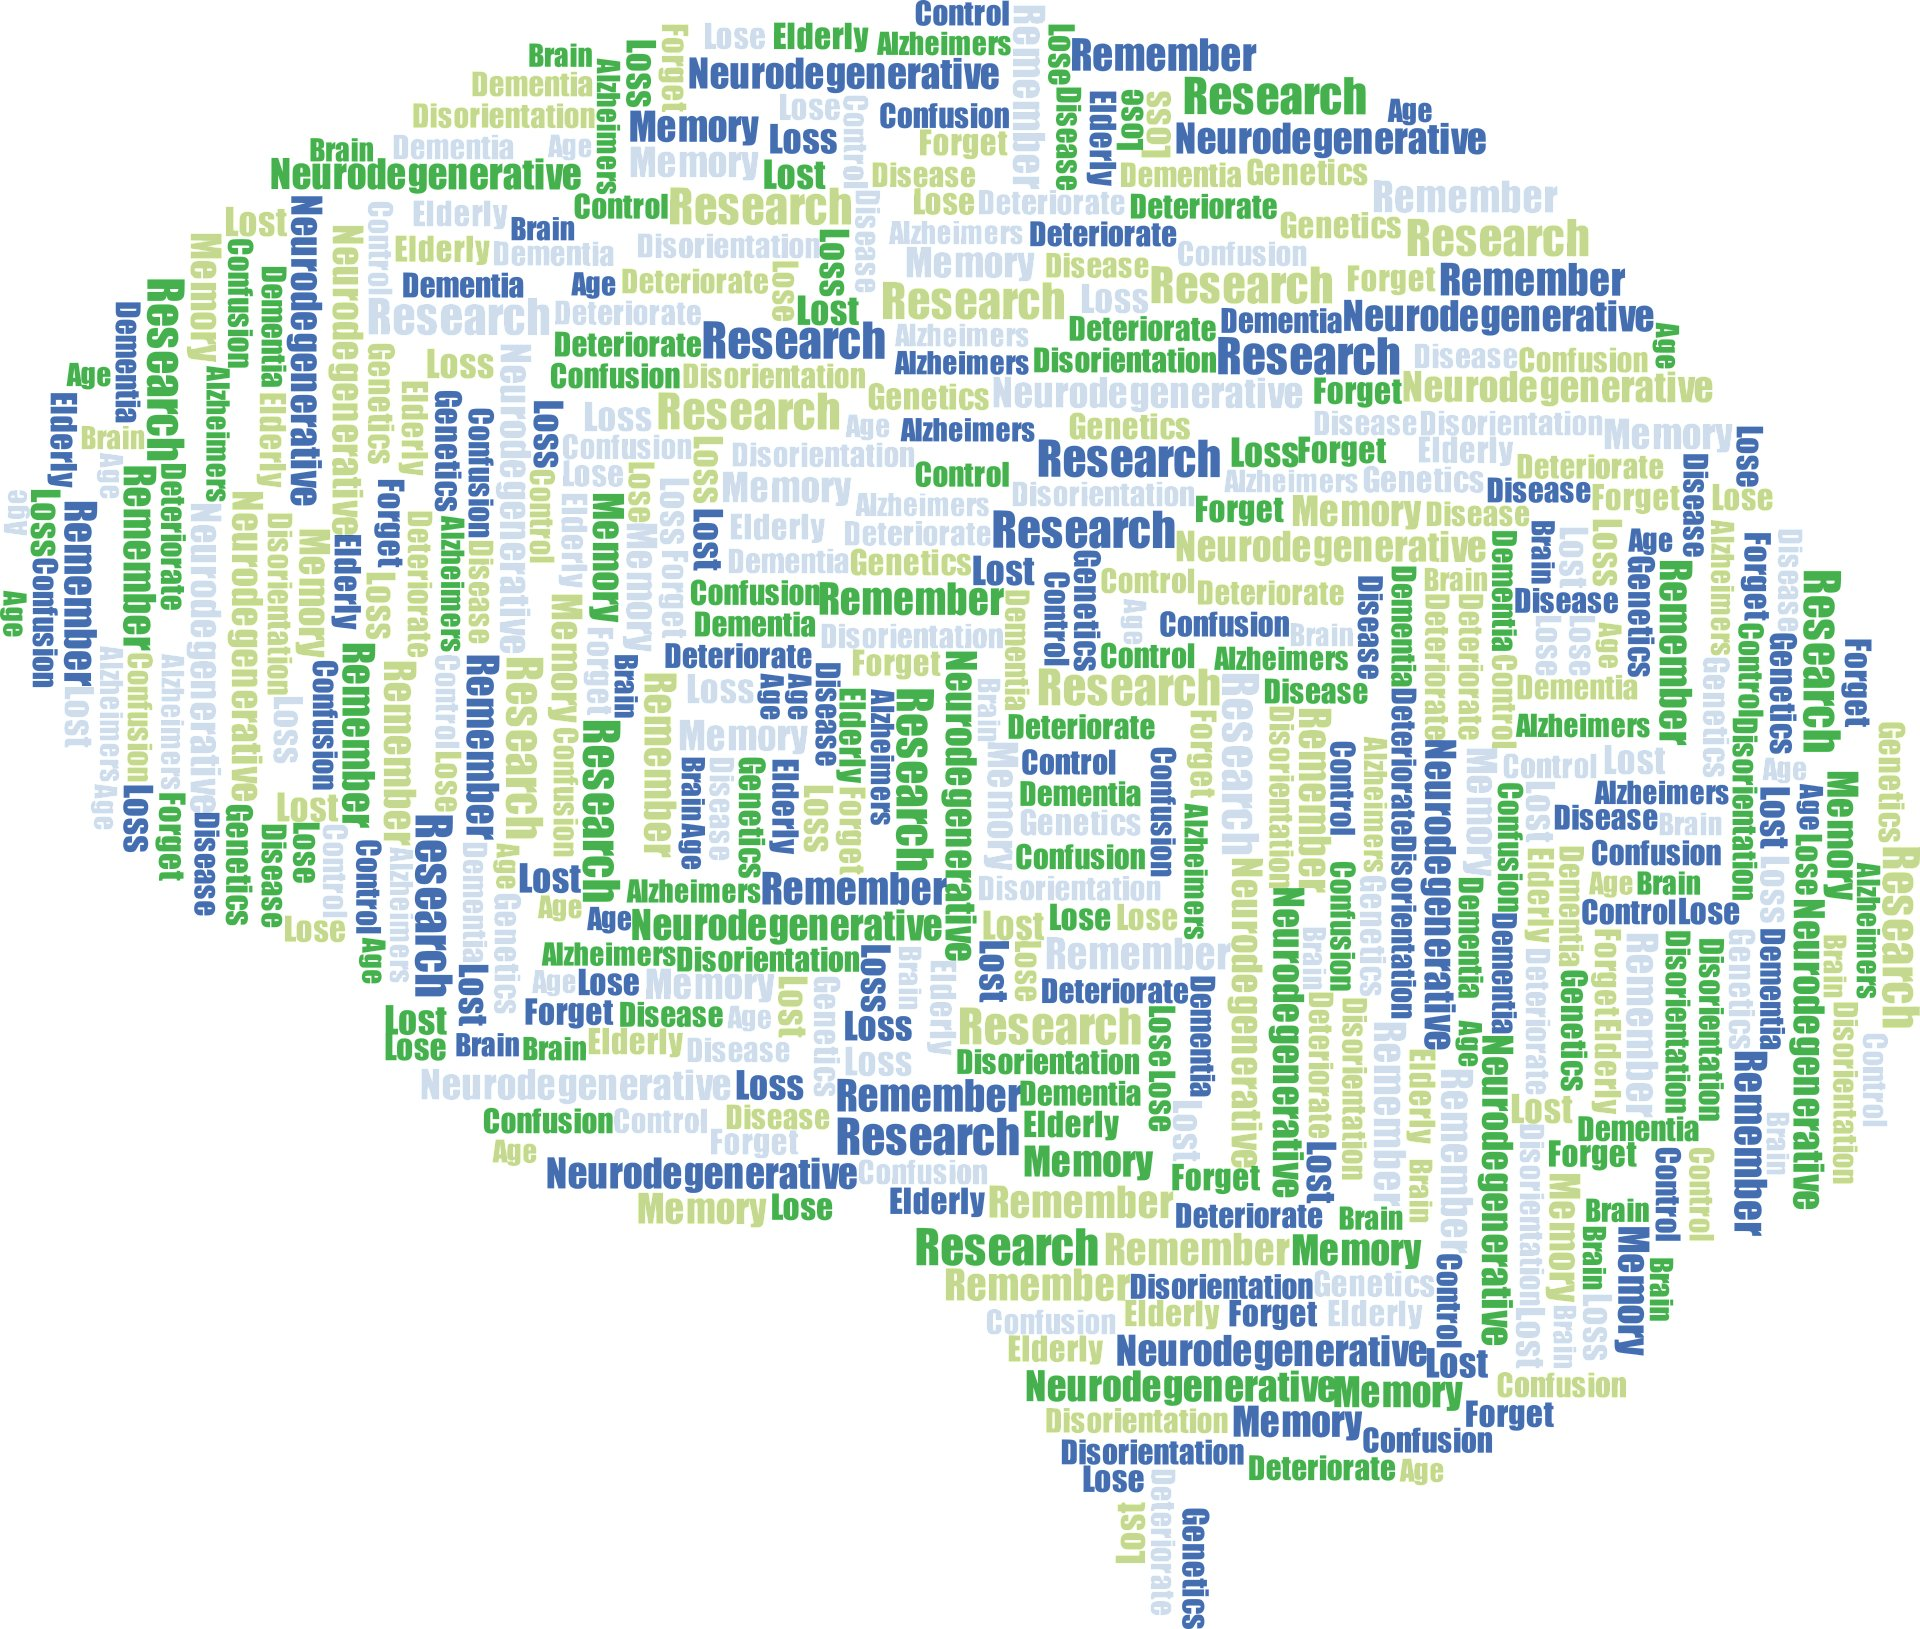 Statine, die nicht in Zusammenhang mit Gedächtnis oder Wahrnehmung Rückgang bei älteren Menschen, kann eine Schutzfunktion bei einigen Patienten